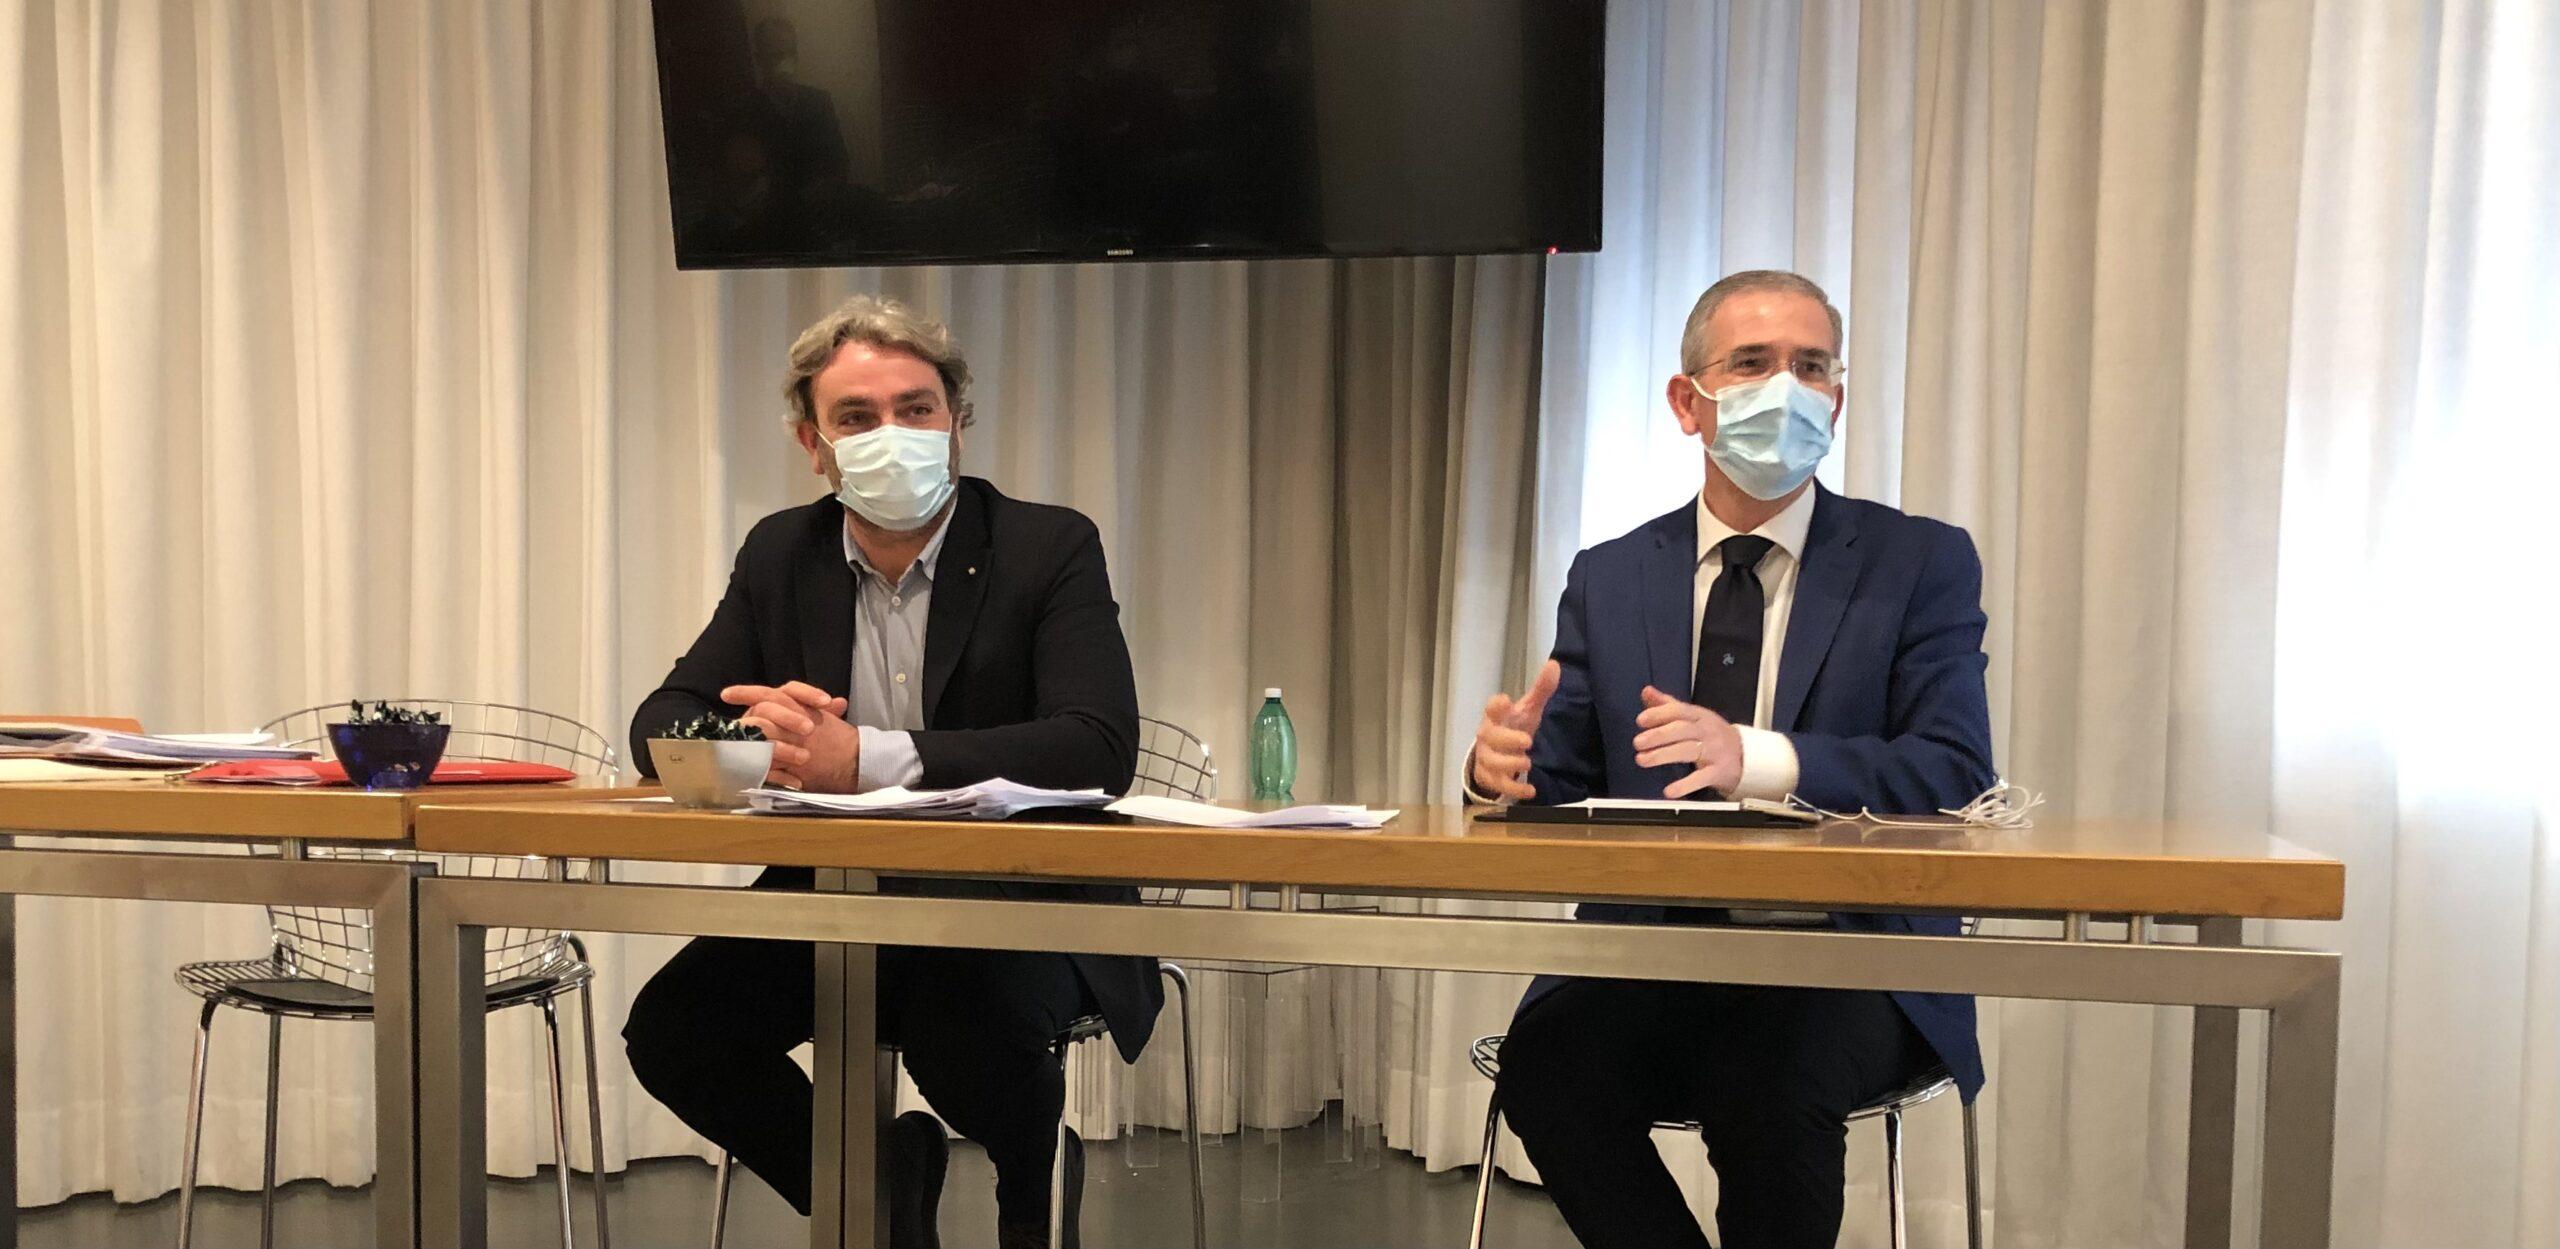 """Primato Sicilia, record nel 2020 per servizi di architettura e ingegneria. Falcone: """"Più lavoro per i liberi professionisti """""""